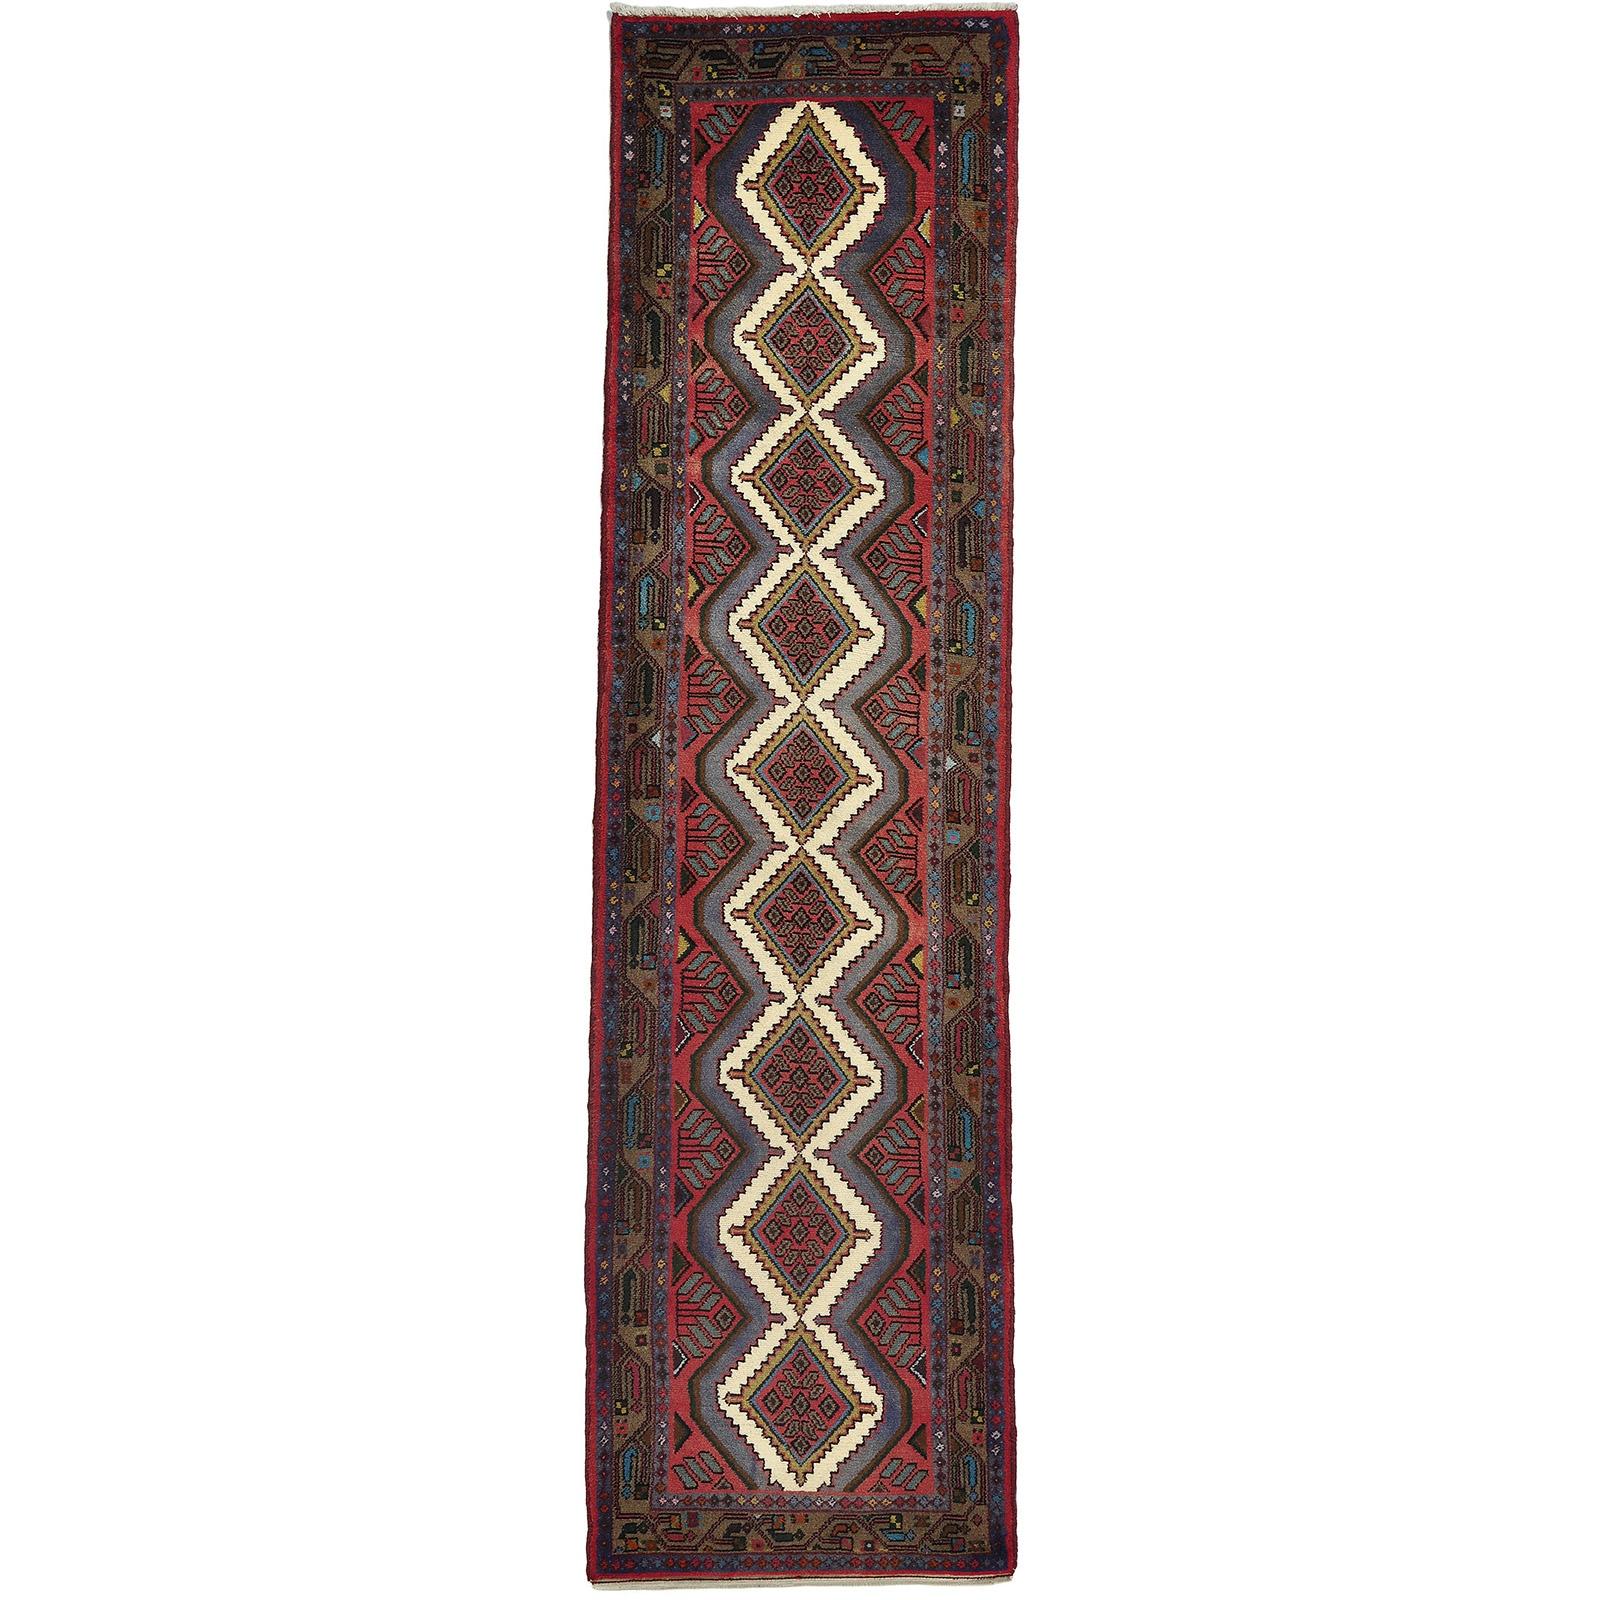 Hamadan matta storlek 315x85 cm